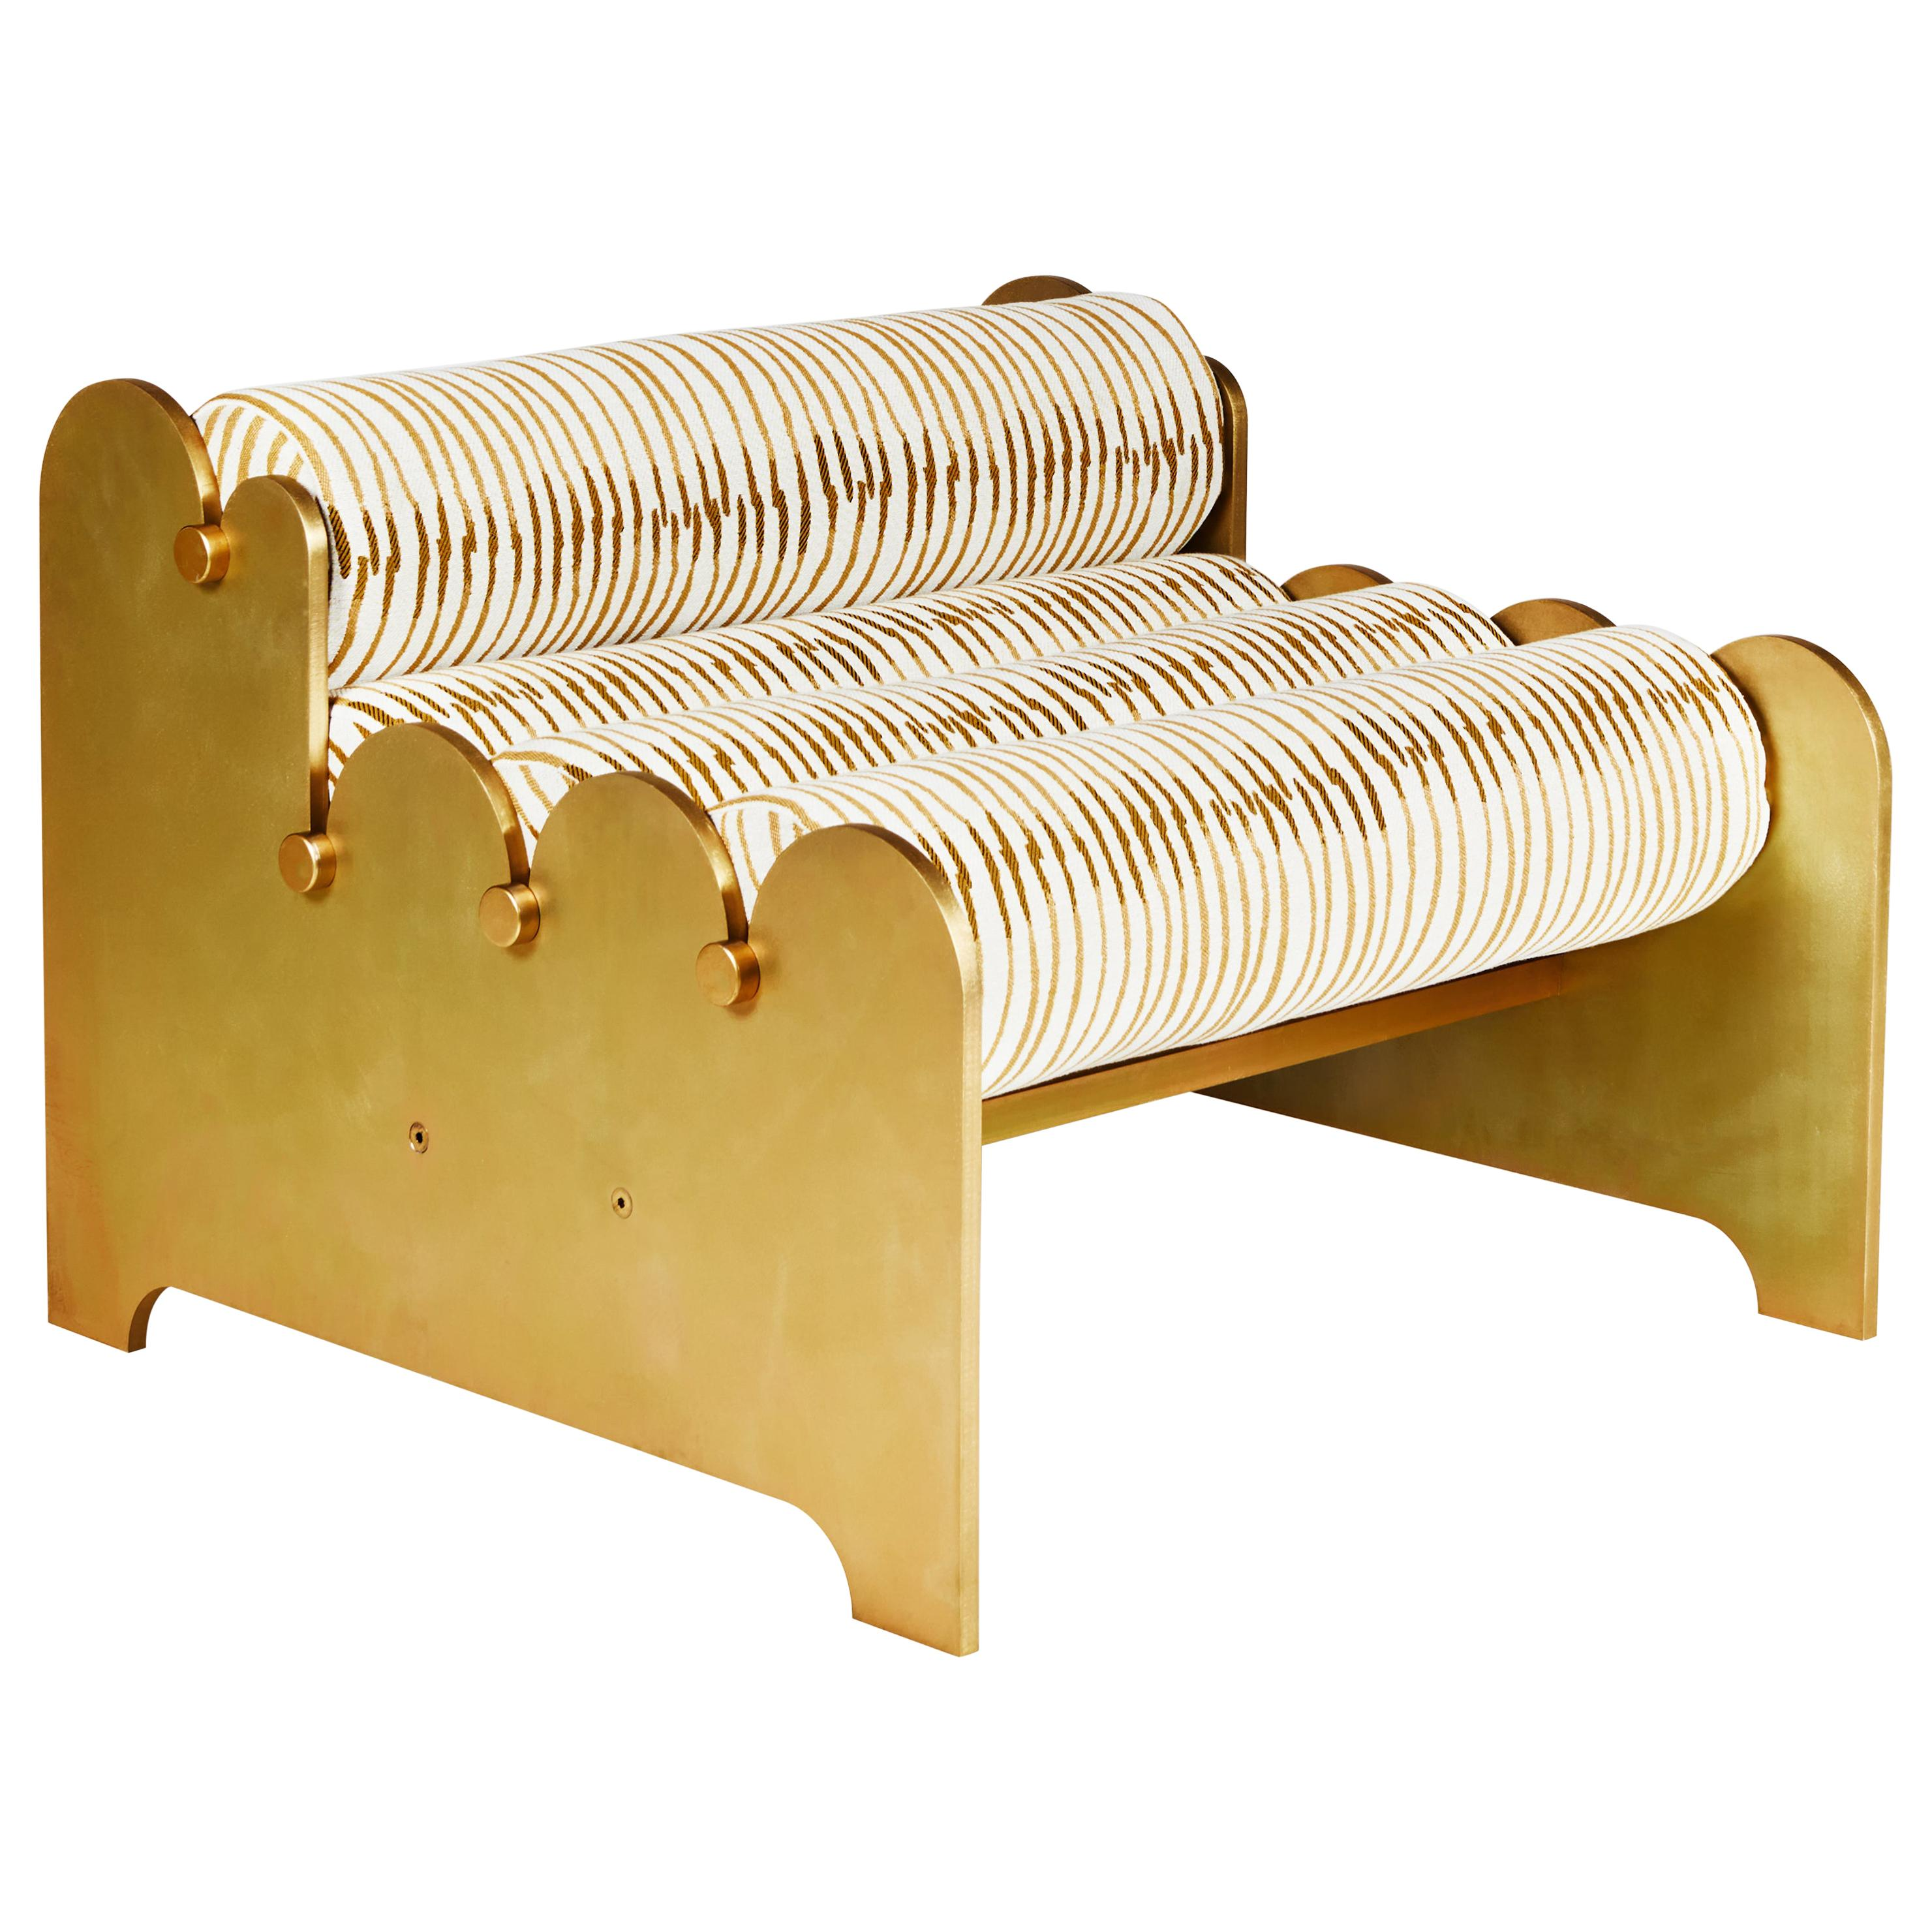 Bobbin Chair by LAUN